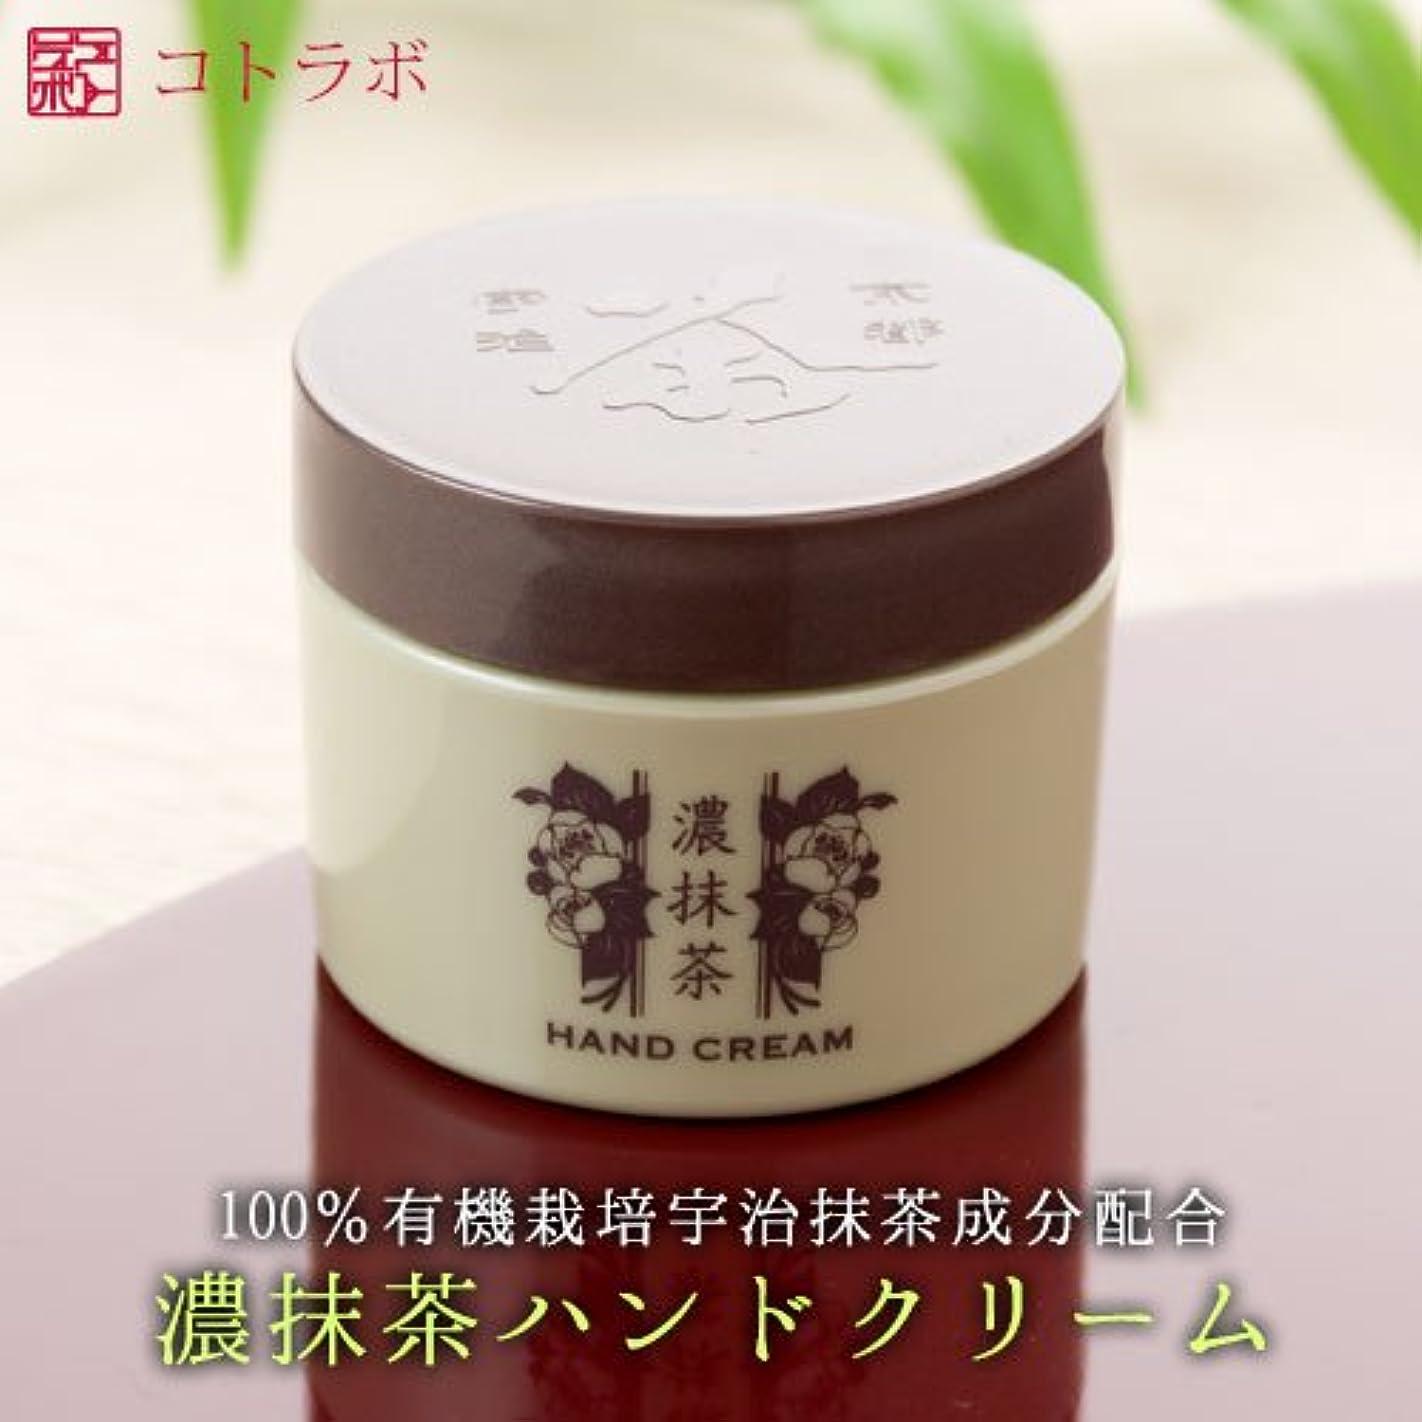 ゴネリルポール回答コトラボ 濃抹茶ハンドクリーム25g 京都産宇治抹茶パウダー配合 グリーンティーフローラルの香り 京都発のスキンケアクリーム Kyoto premium hand cream, Aroma of green tea floral